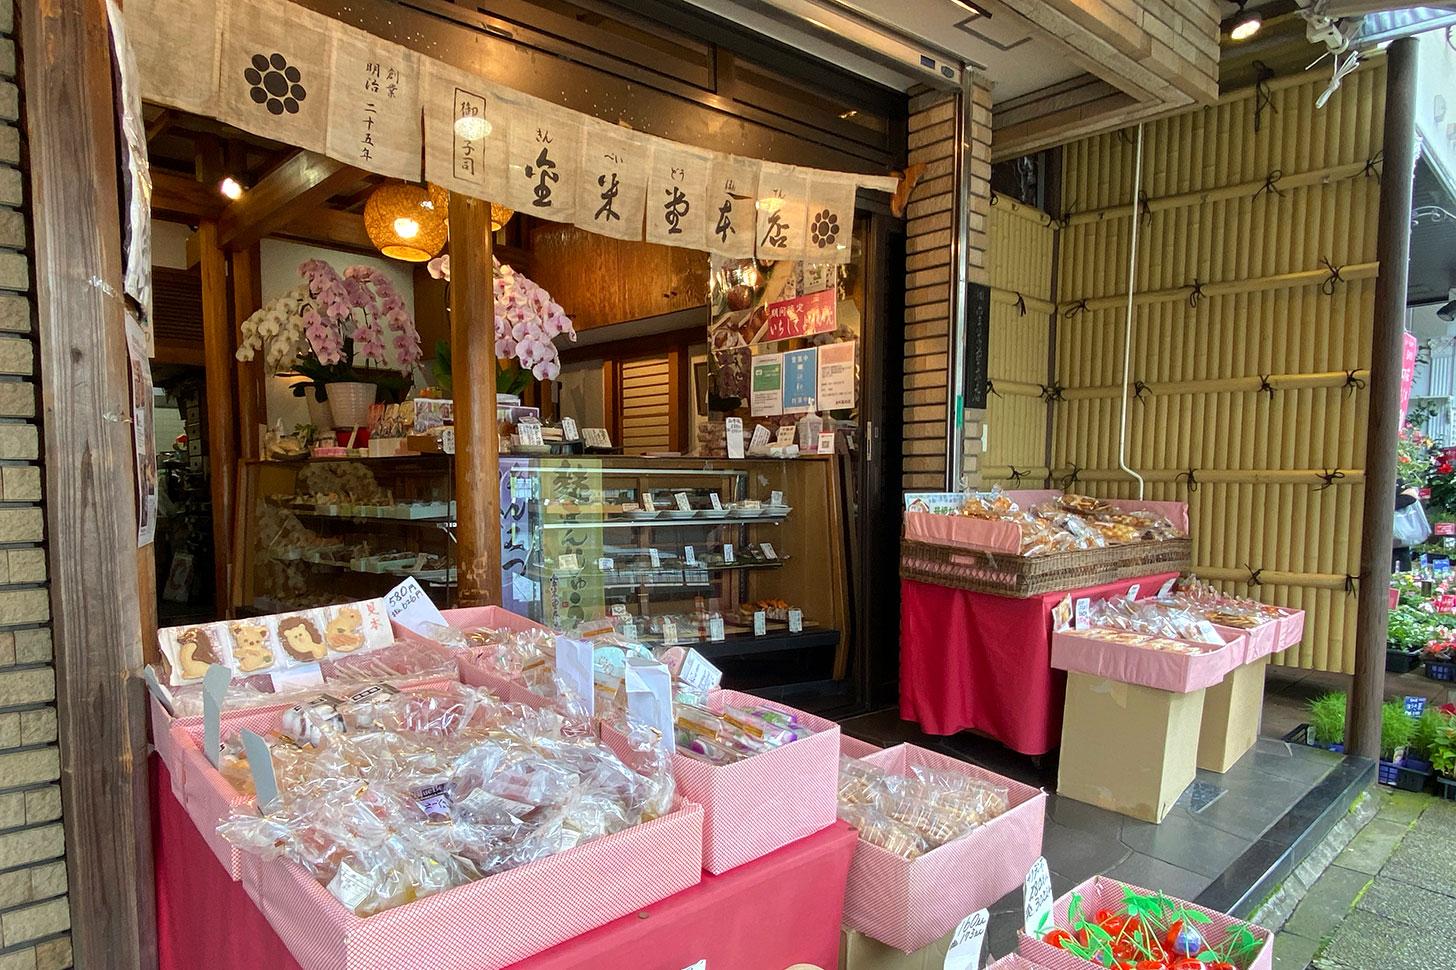 金米堂(きんぺいどう)本店